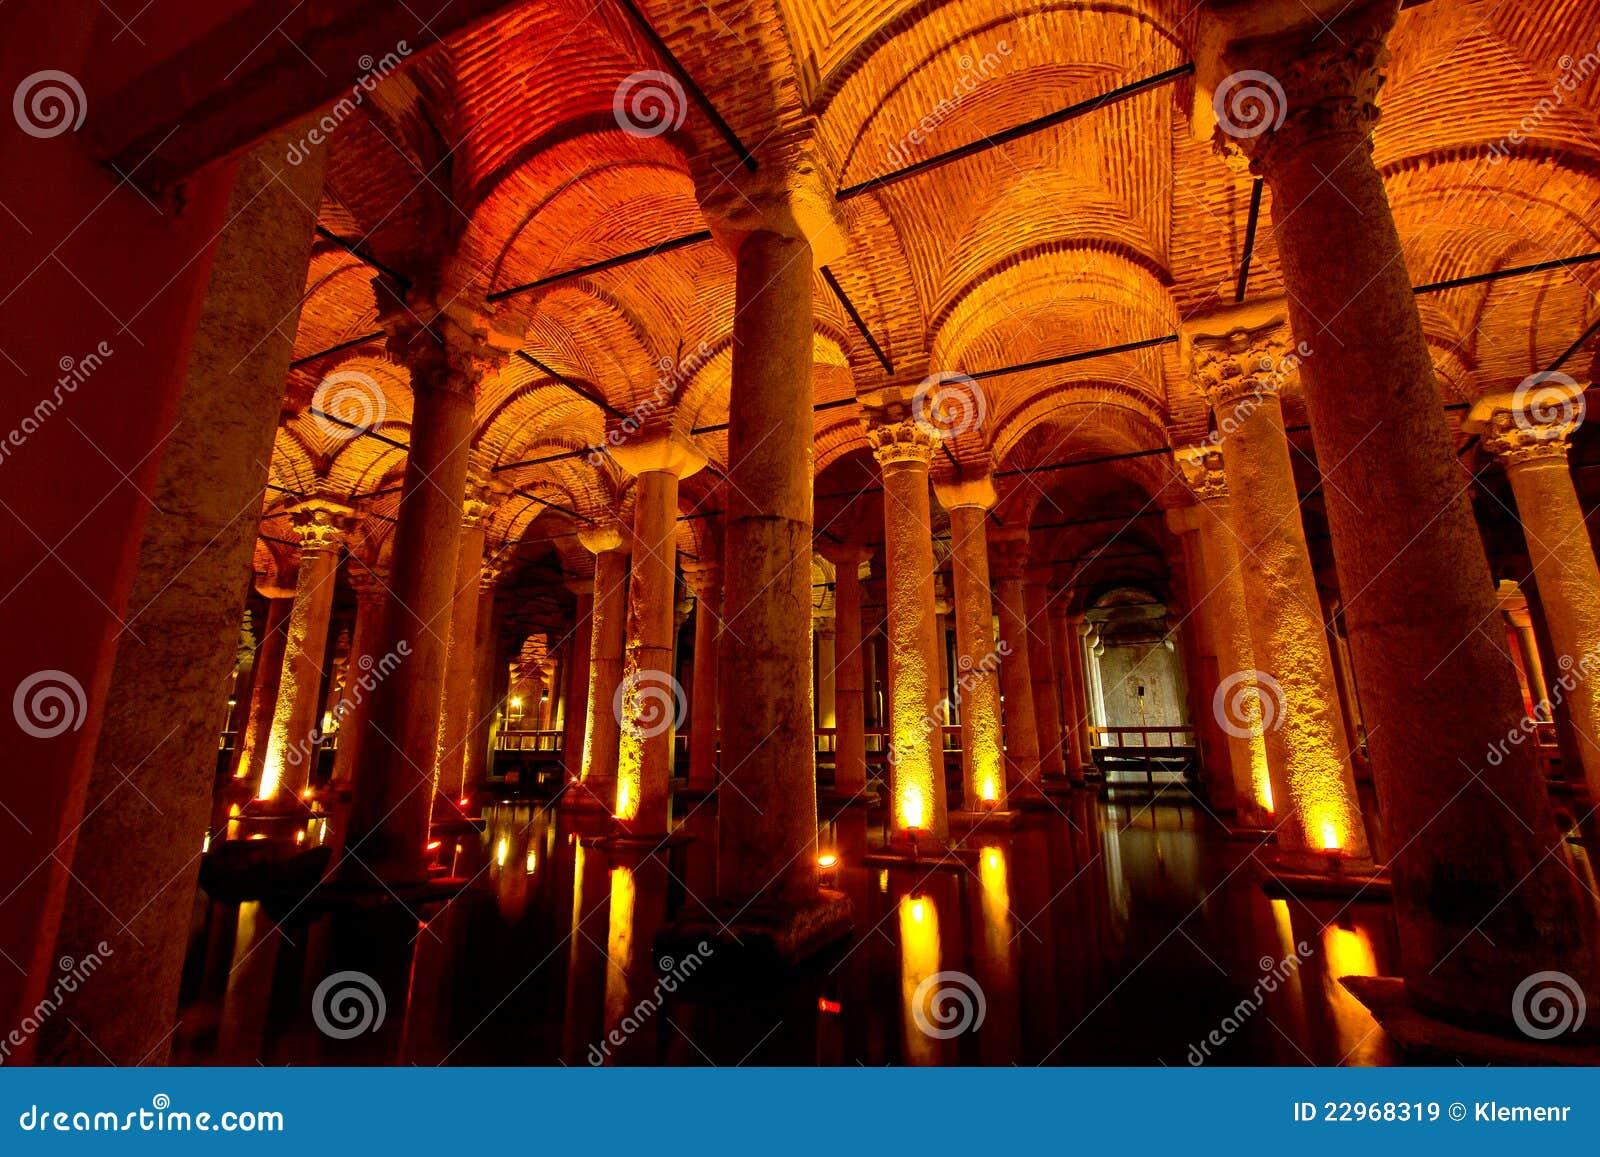 Basilika-Zisterne Istanbul, die Türkei